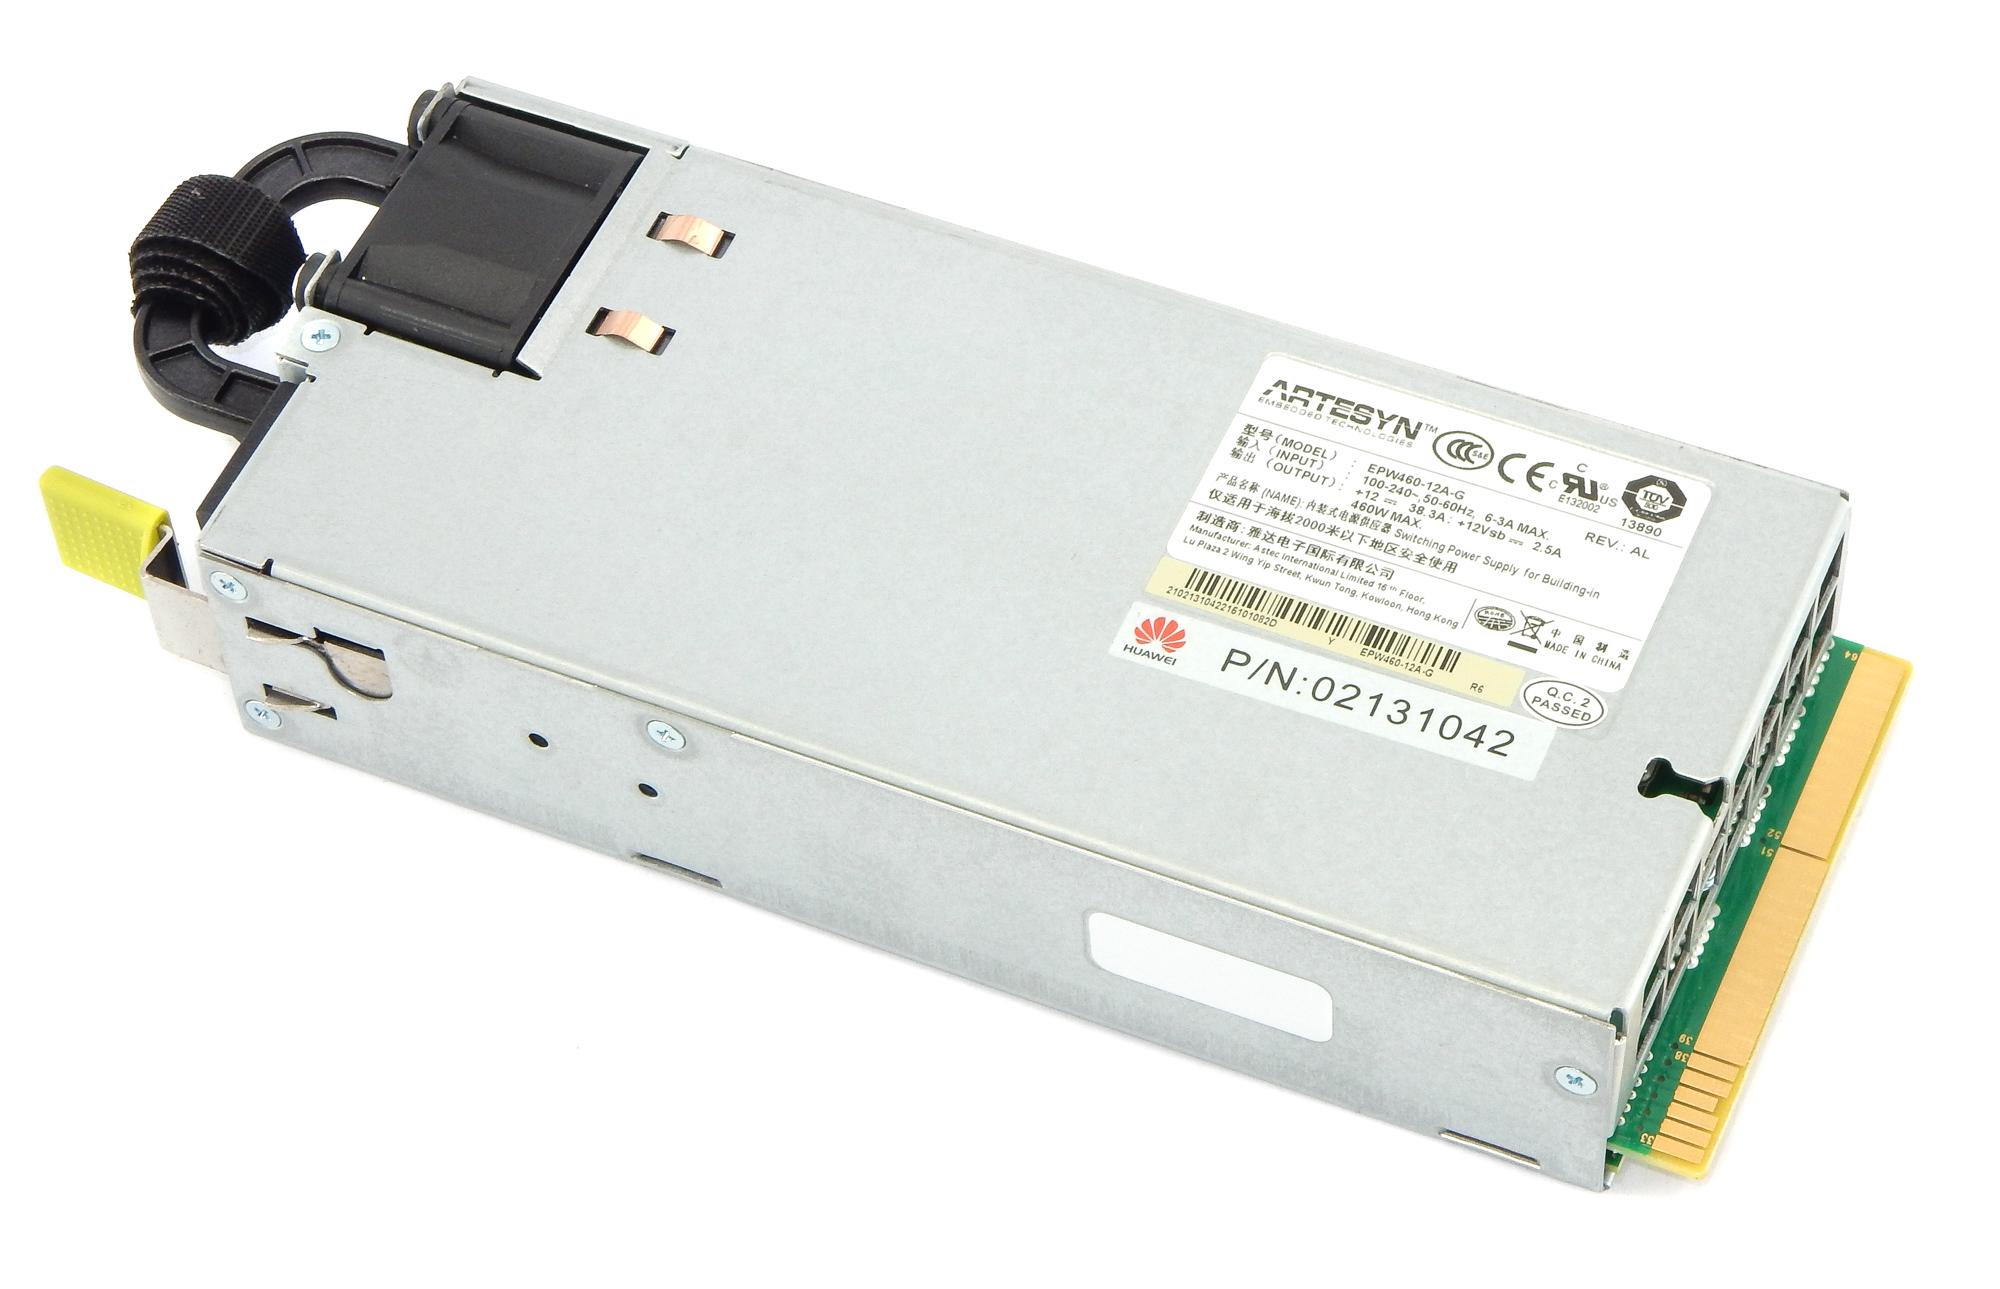 Artesyn EPW460-12A-G 460W Server Power Supply / Huawei p/n 02131042